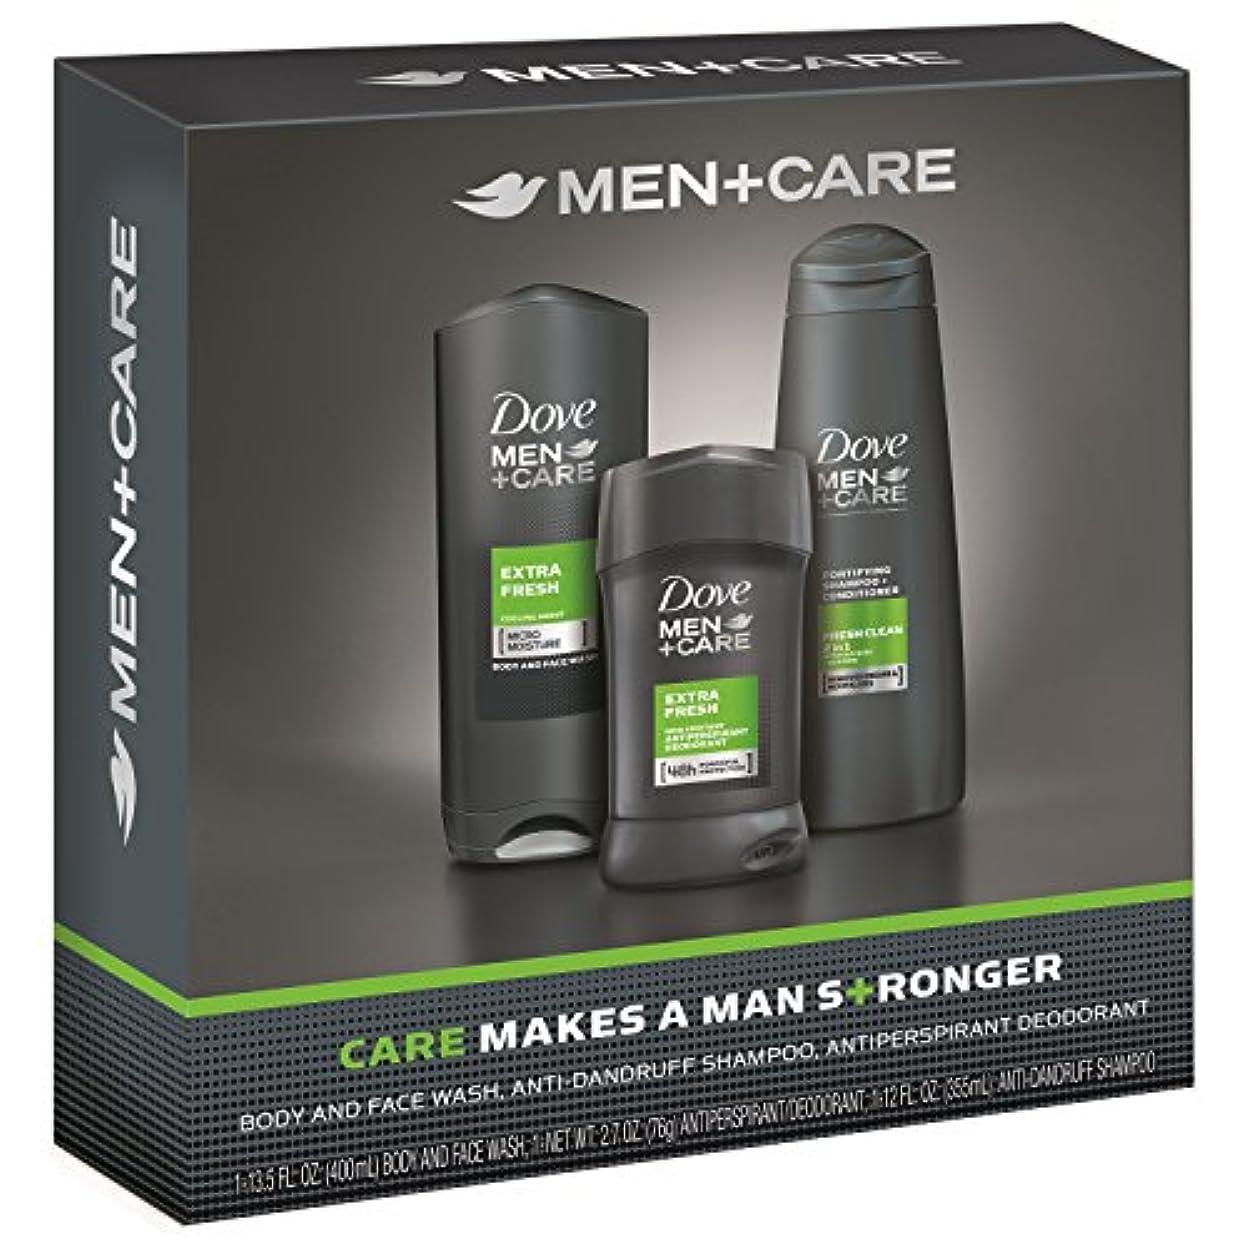 ウェーハ落とし穴メアリアンジョーンズDove Men+Care Gift Pack Extra Fresh ダブ メンプラスケア ギフトパック エクストラフレッシュ